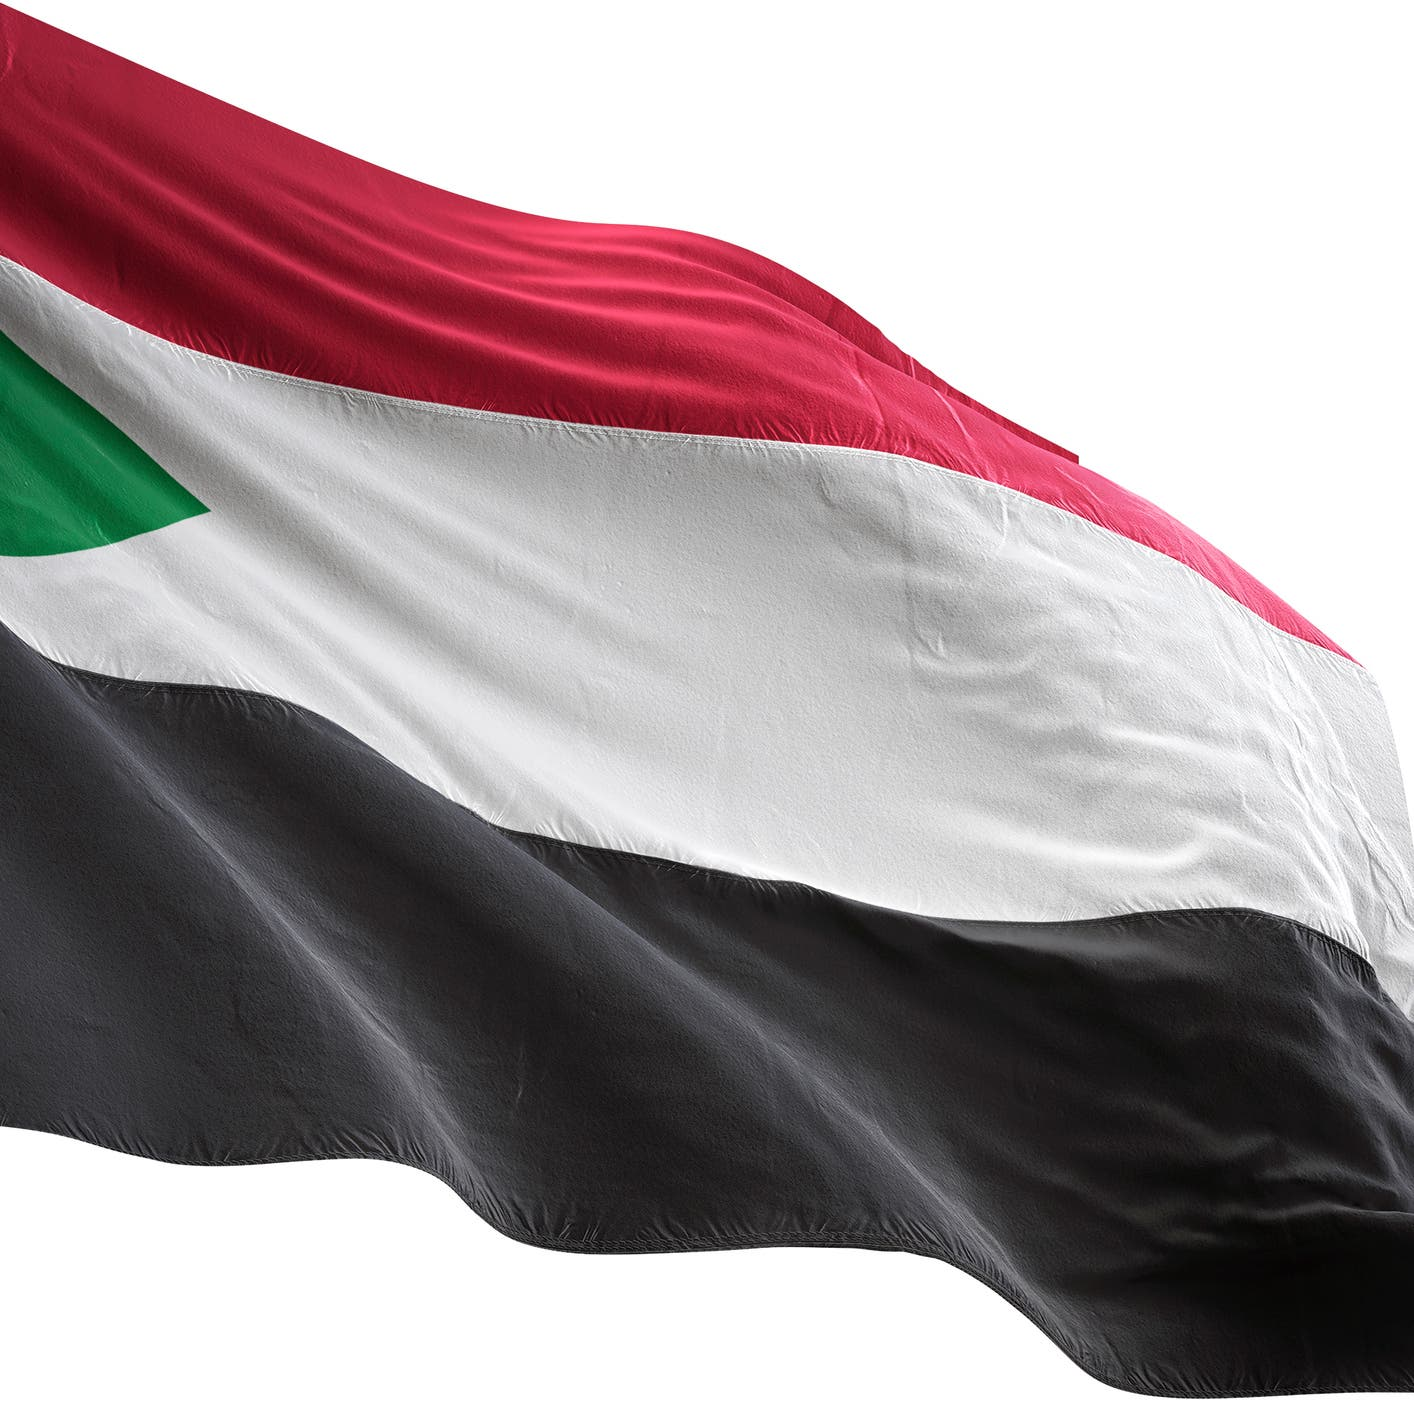 مجلس السيادة السوداني: توافق مع الحركات المسلحة في جوبا